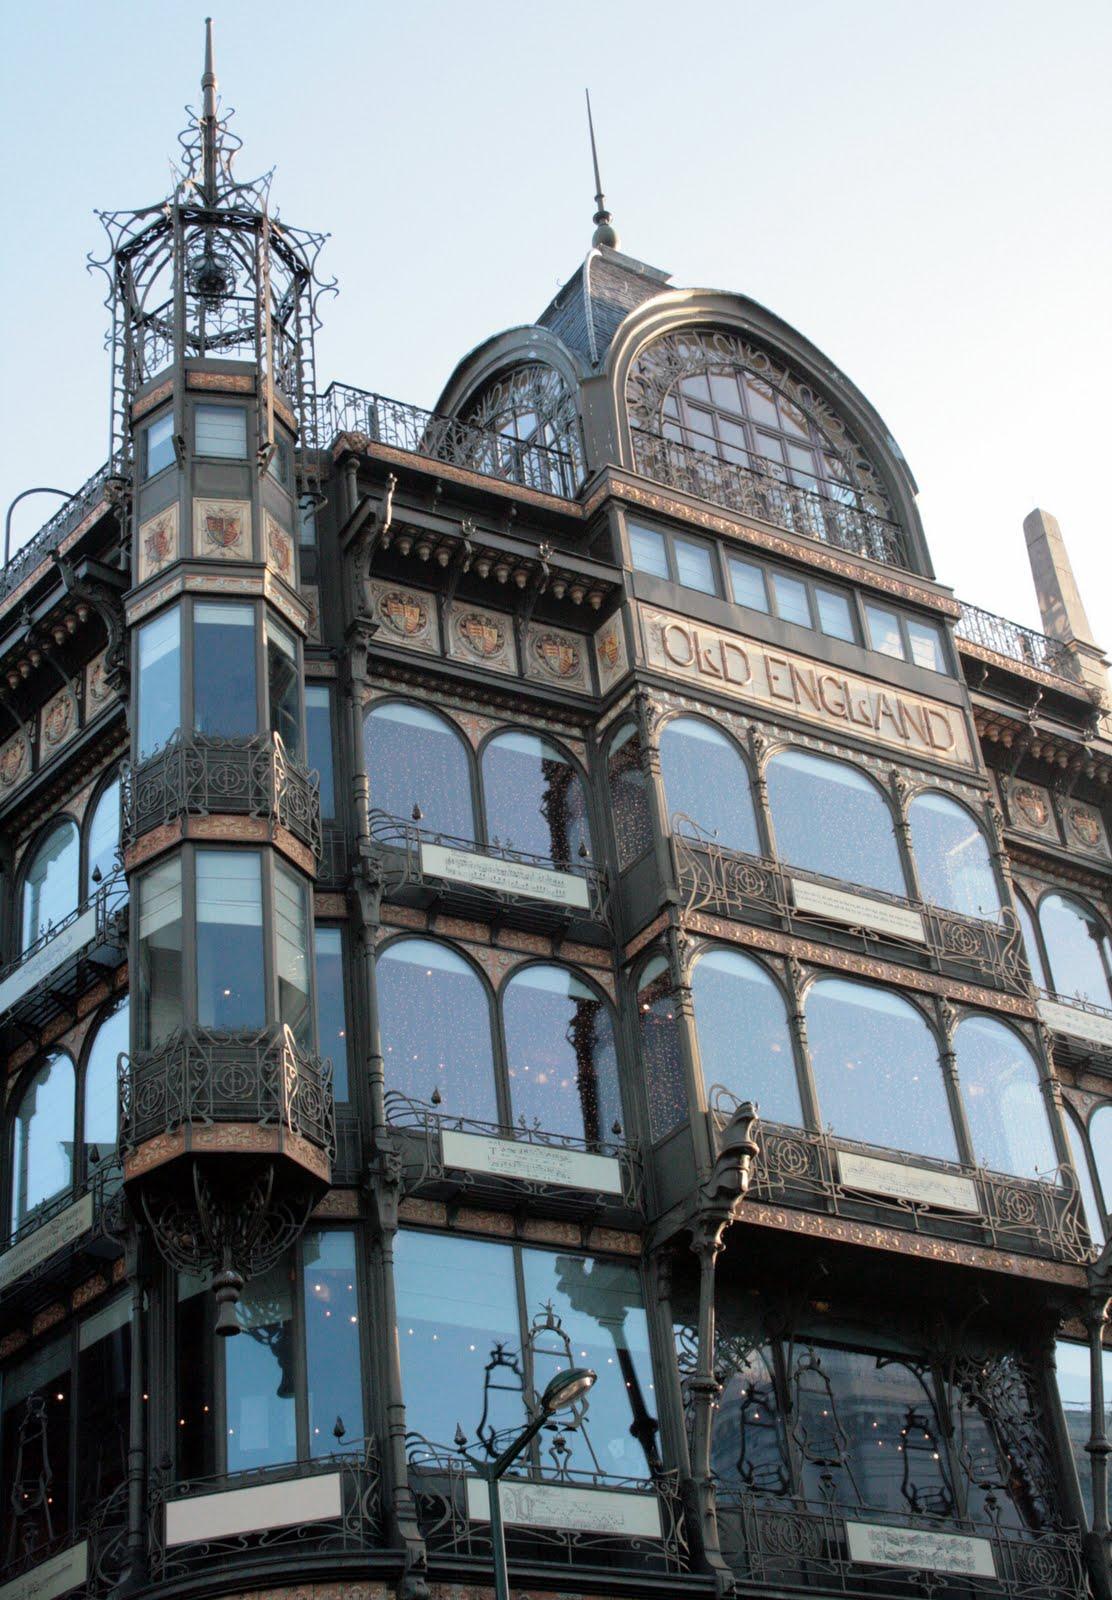 Encuentros con el arte art nouveau la utop a Art nouveau arquitectura